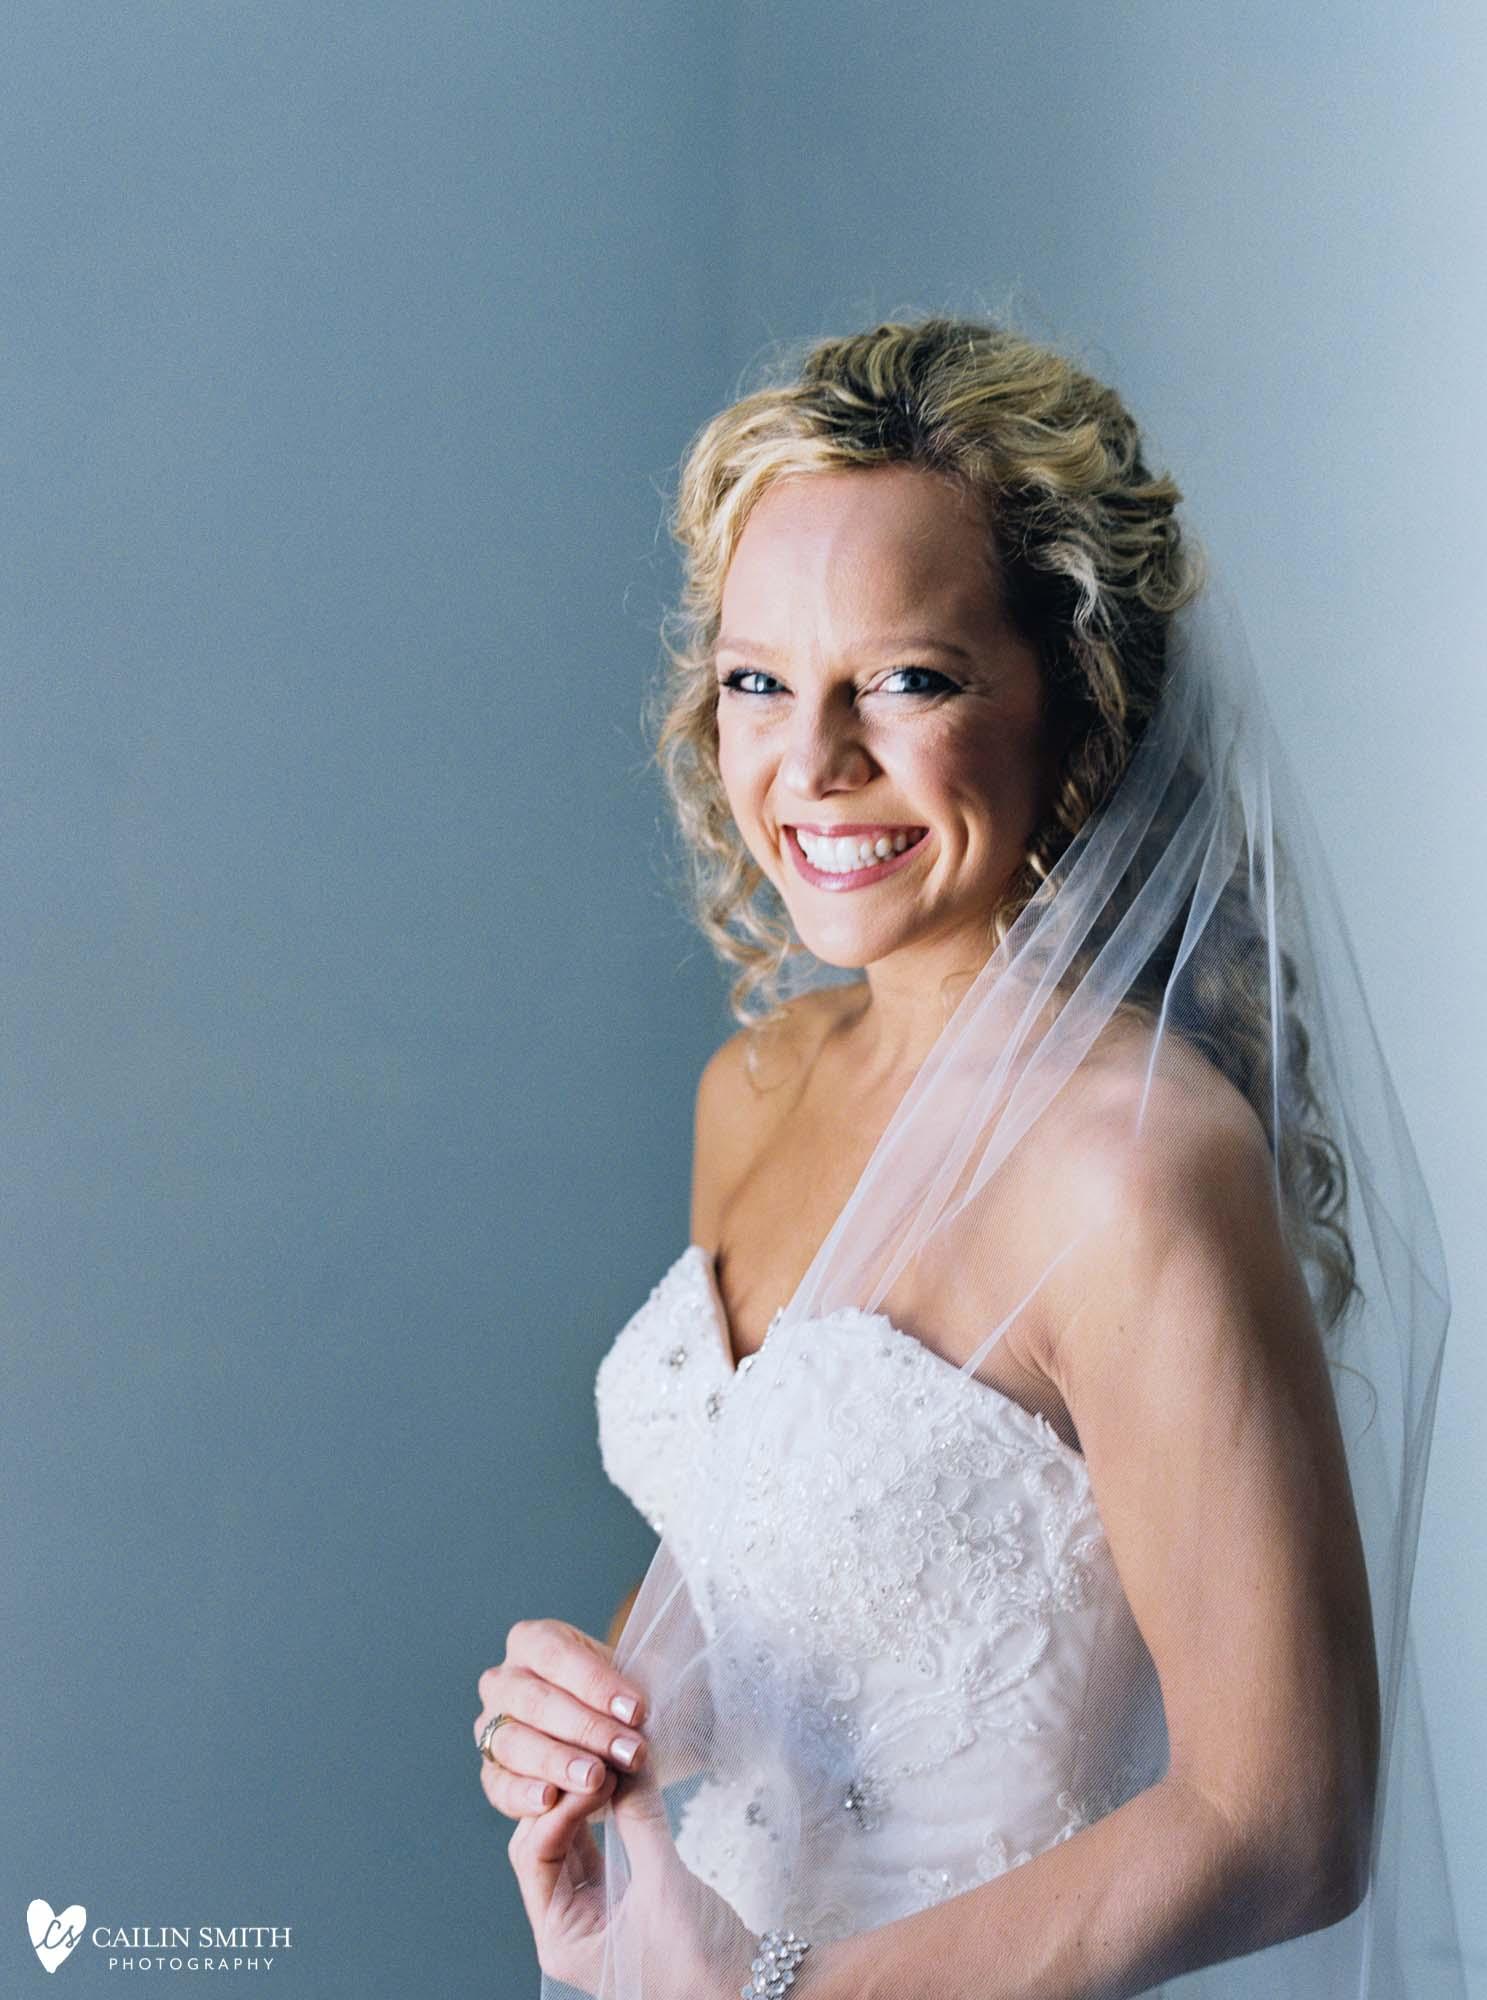 Leah_Major_St_Marys_Wedding_Photography_016.jpg